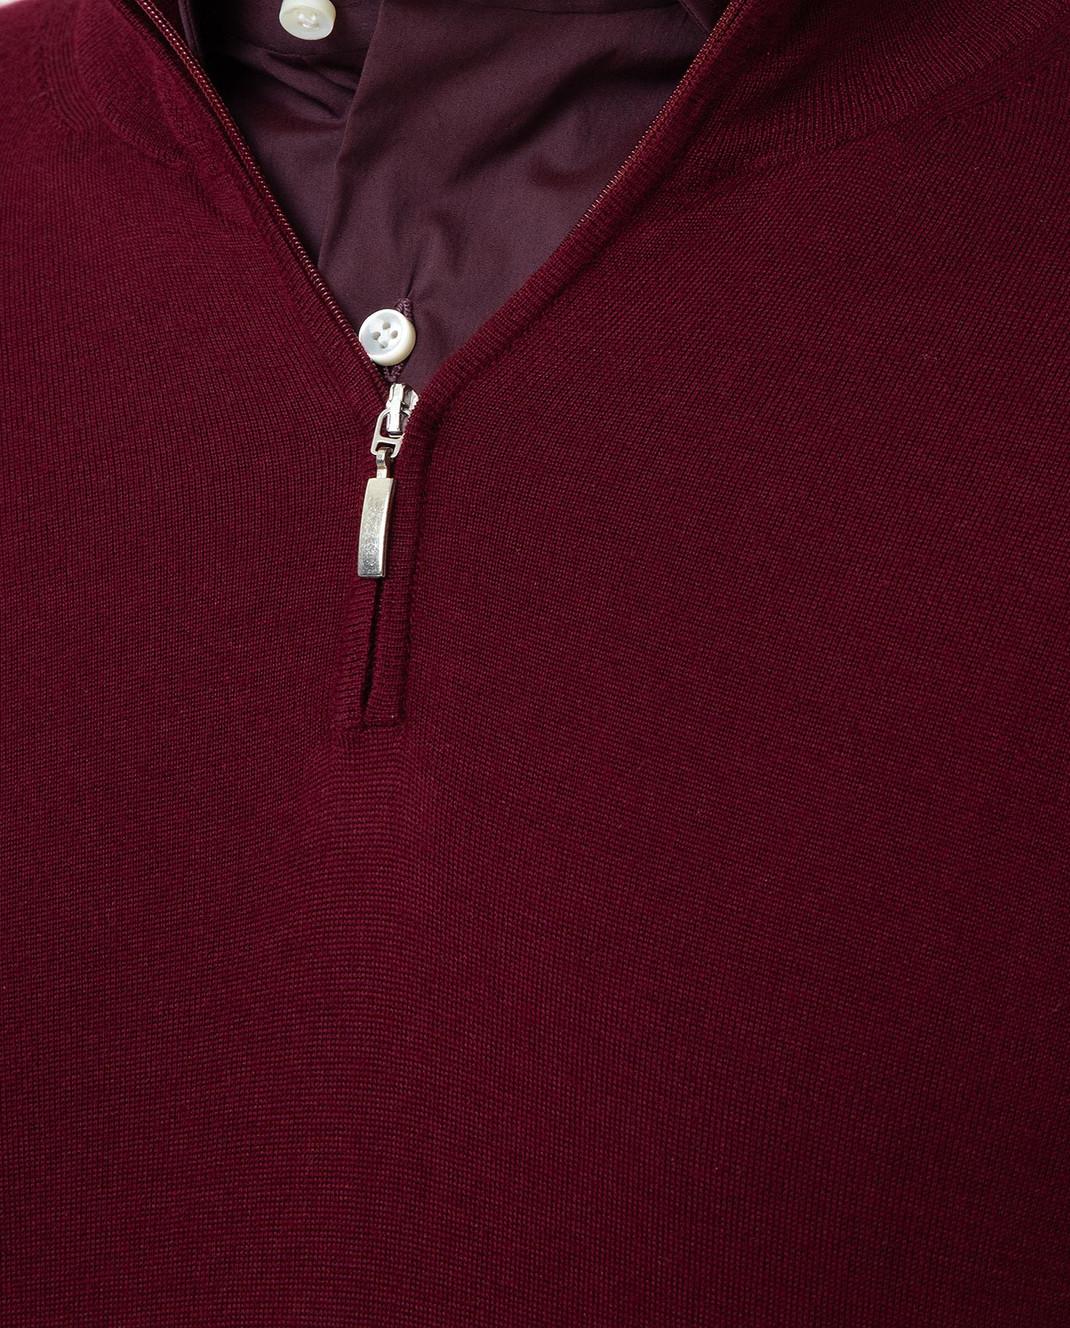 Ones Бордовое поло из кашемира и шелка T065 изображение 5